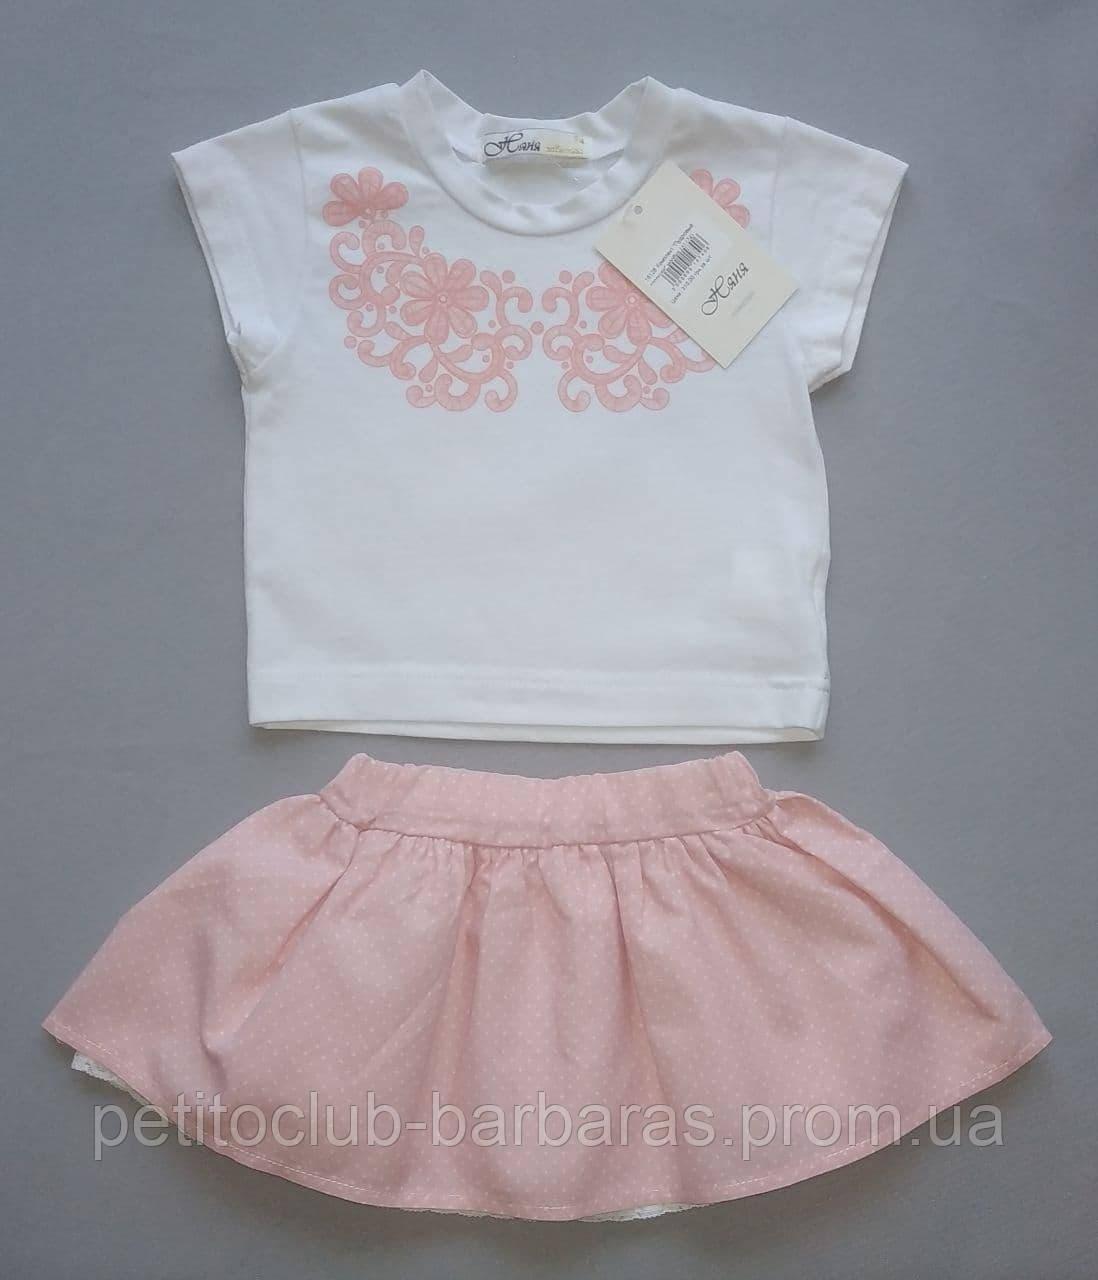 """Детский летний комплект """"Пудровый горошек"""" для девочки: футболка и юбка (Няня, Украина)"""